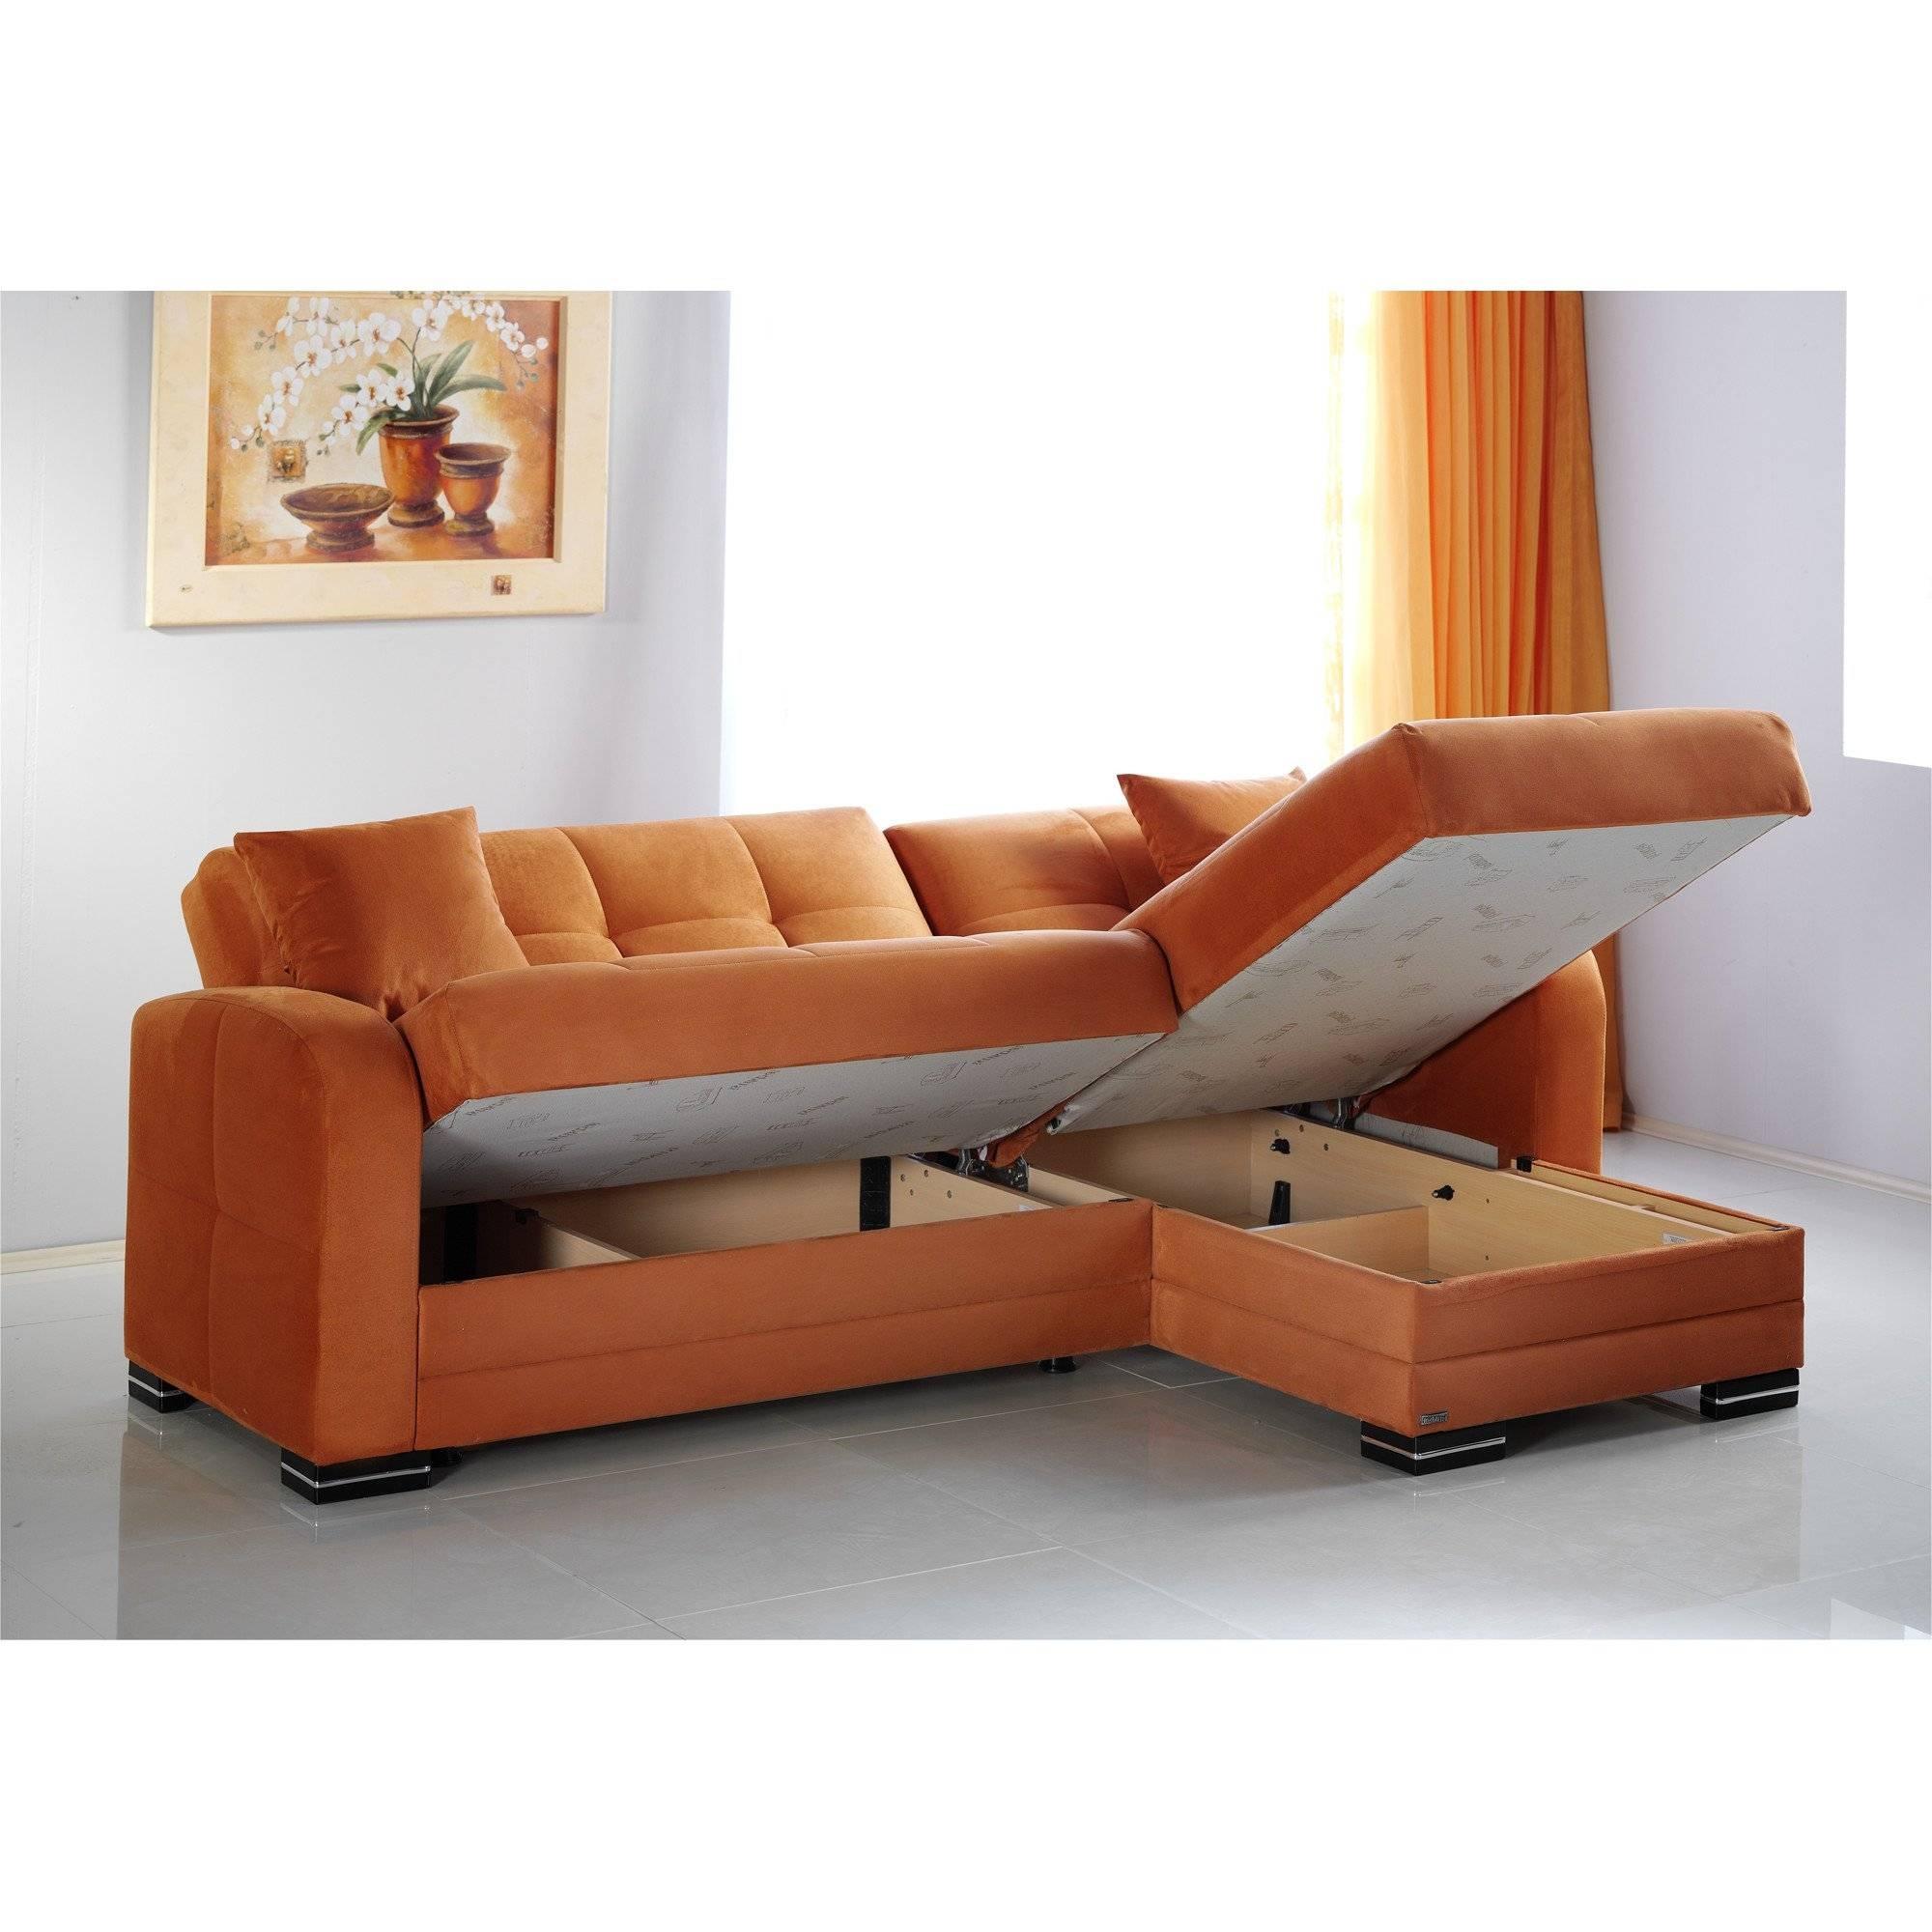 Kubo Rainbow Orange Sectional Sofasunset inside Sectional Sofa Beds (Image 7 of 30)